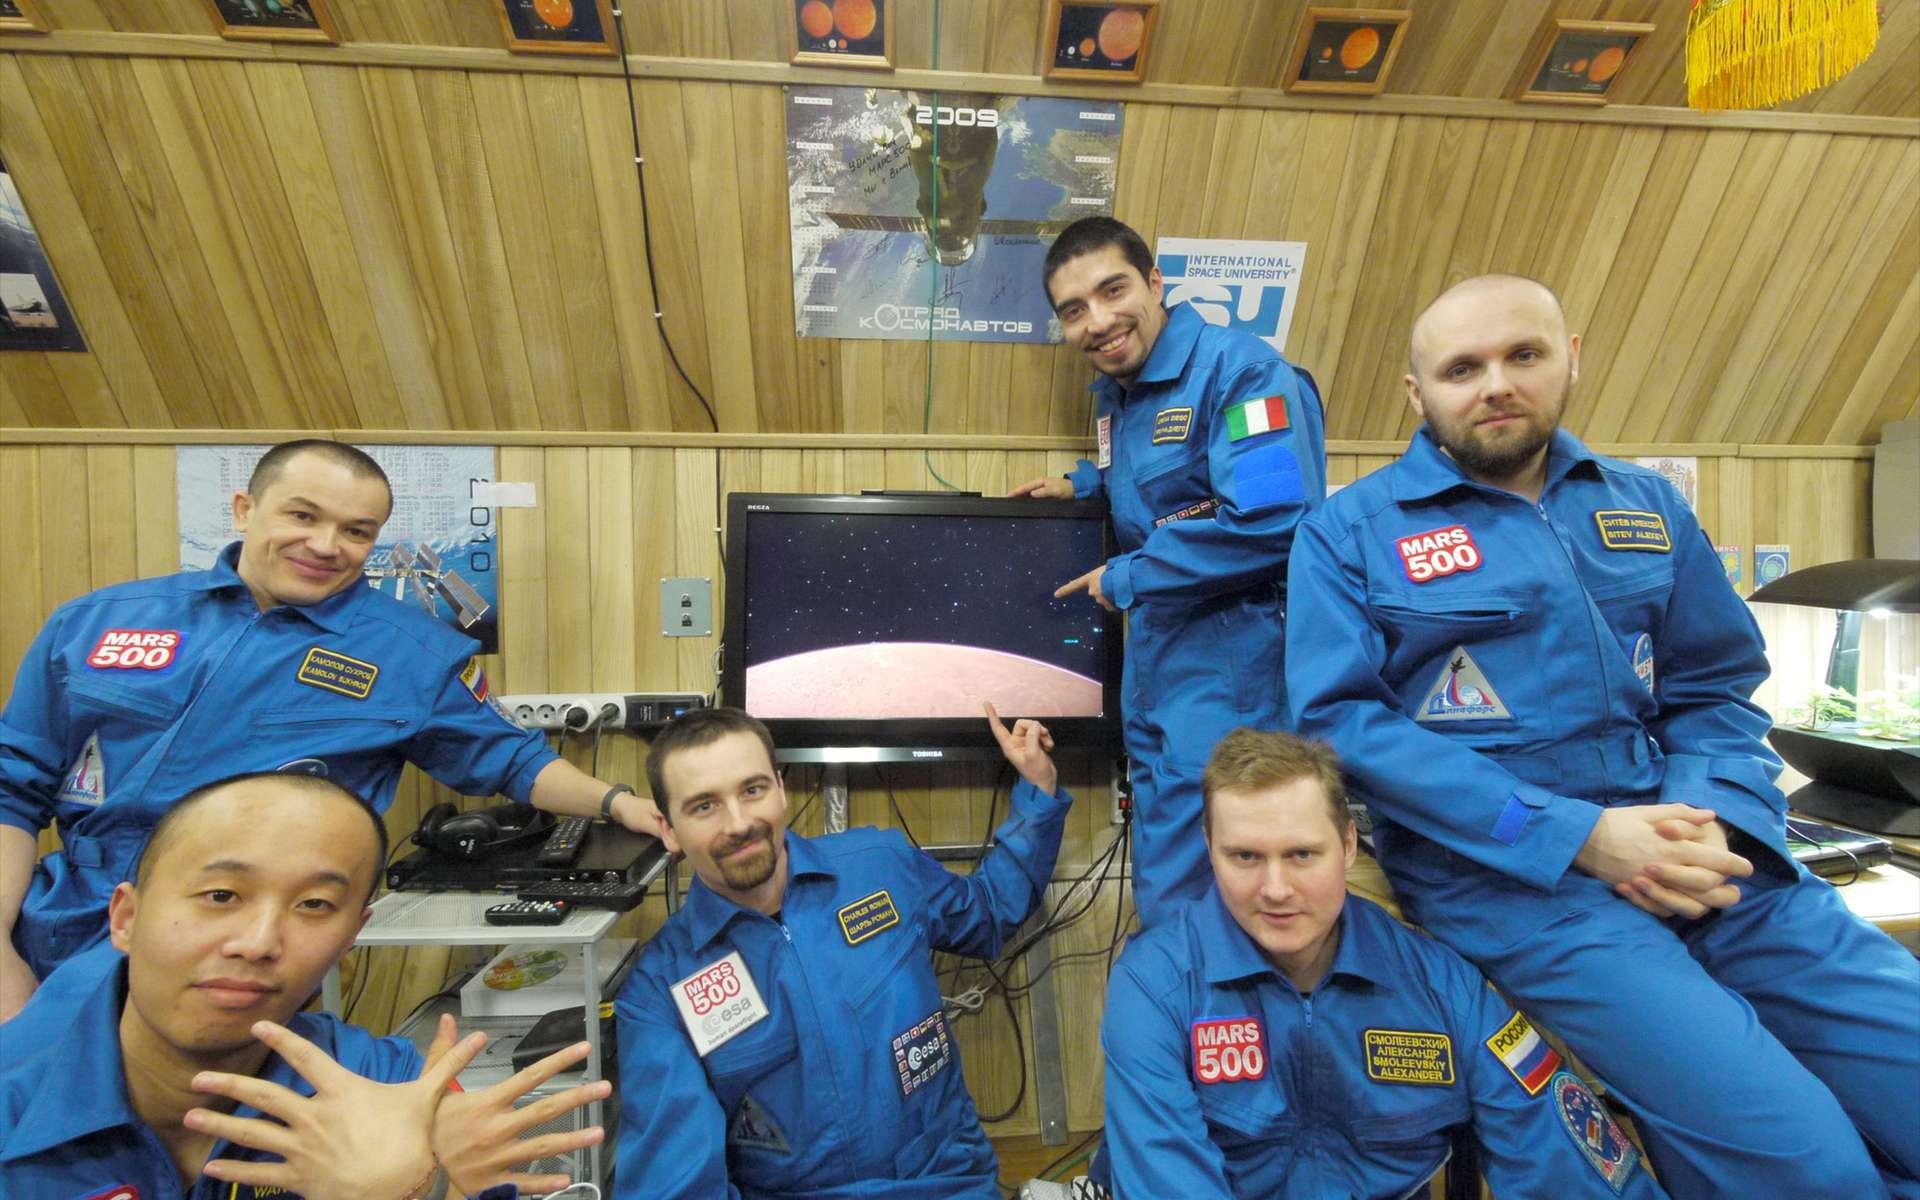 Après un séjour de 520 jours dans un simulateur, les six volontaires de l'expérience Mars 500 vont pouvoir retrouver leurs proches et la lumière du soleil. Cette expérience aidera à définir de nouveaux critères et procédures qui seront appliqués aux futurs vols habités de longues durées. © Esa